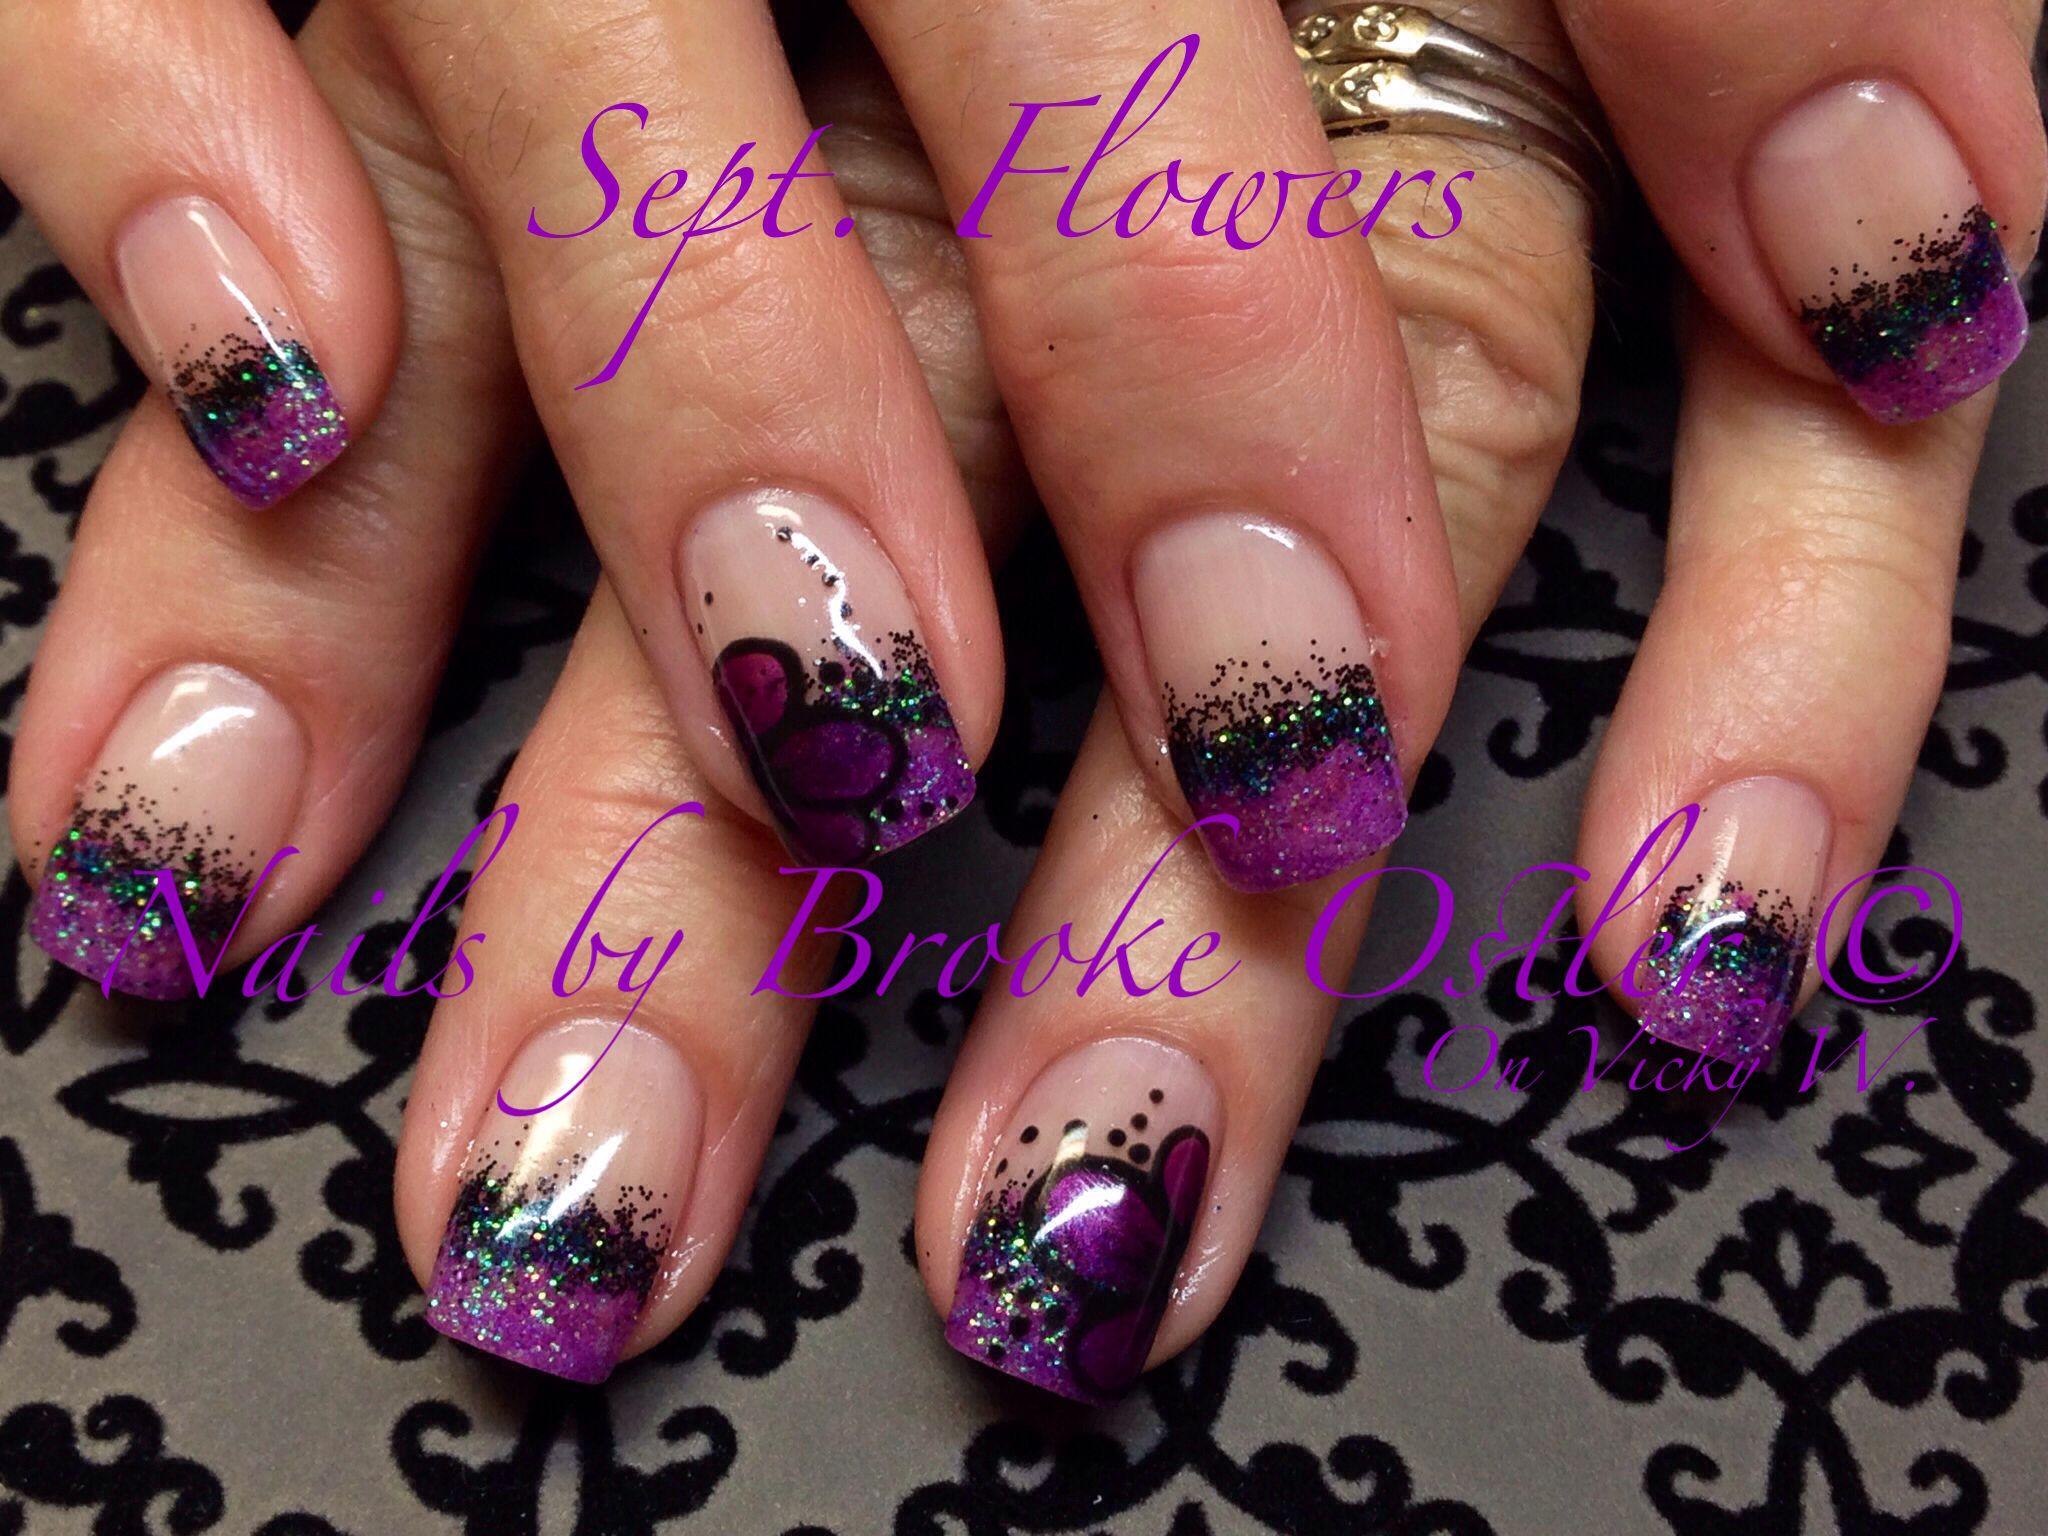 Halloween nails | Purple nails, Halloween nails, Toe nail ...